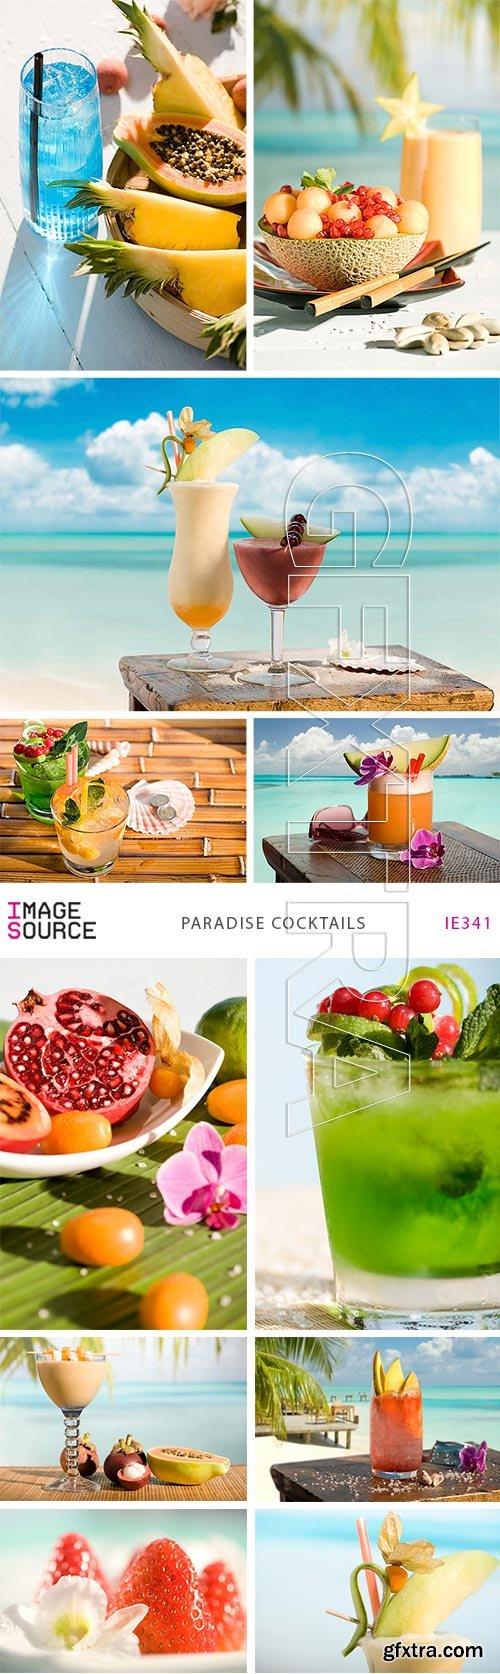 Image Source IE341 Paradise Cocktails